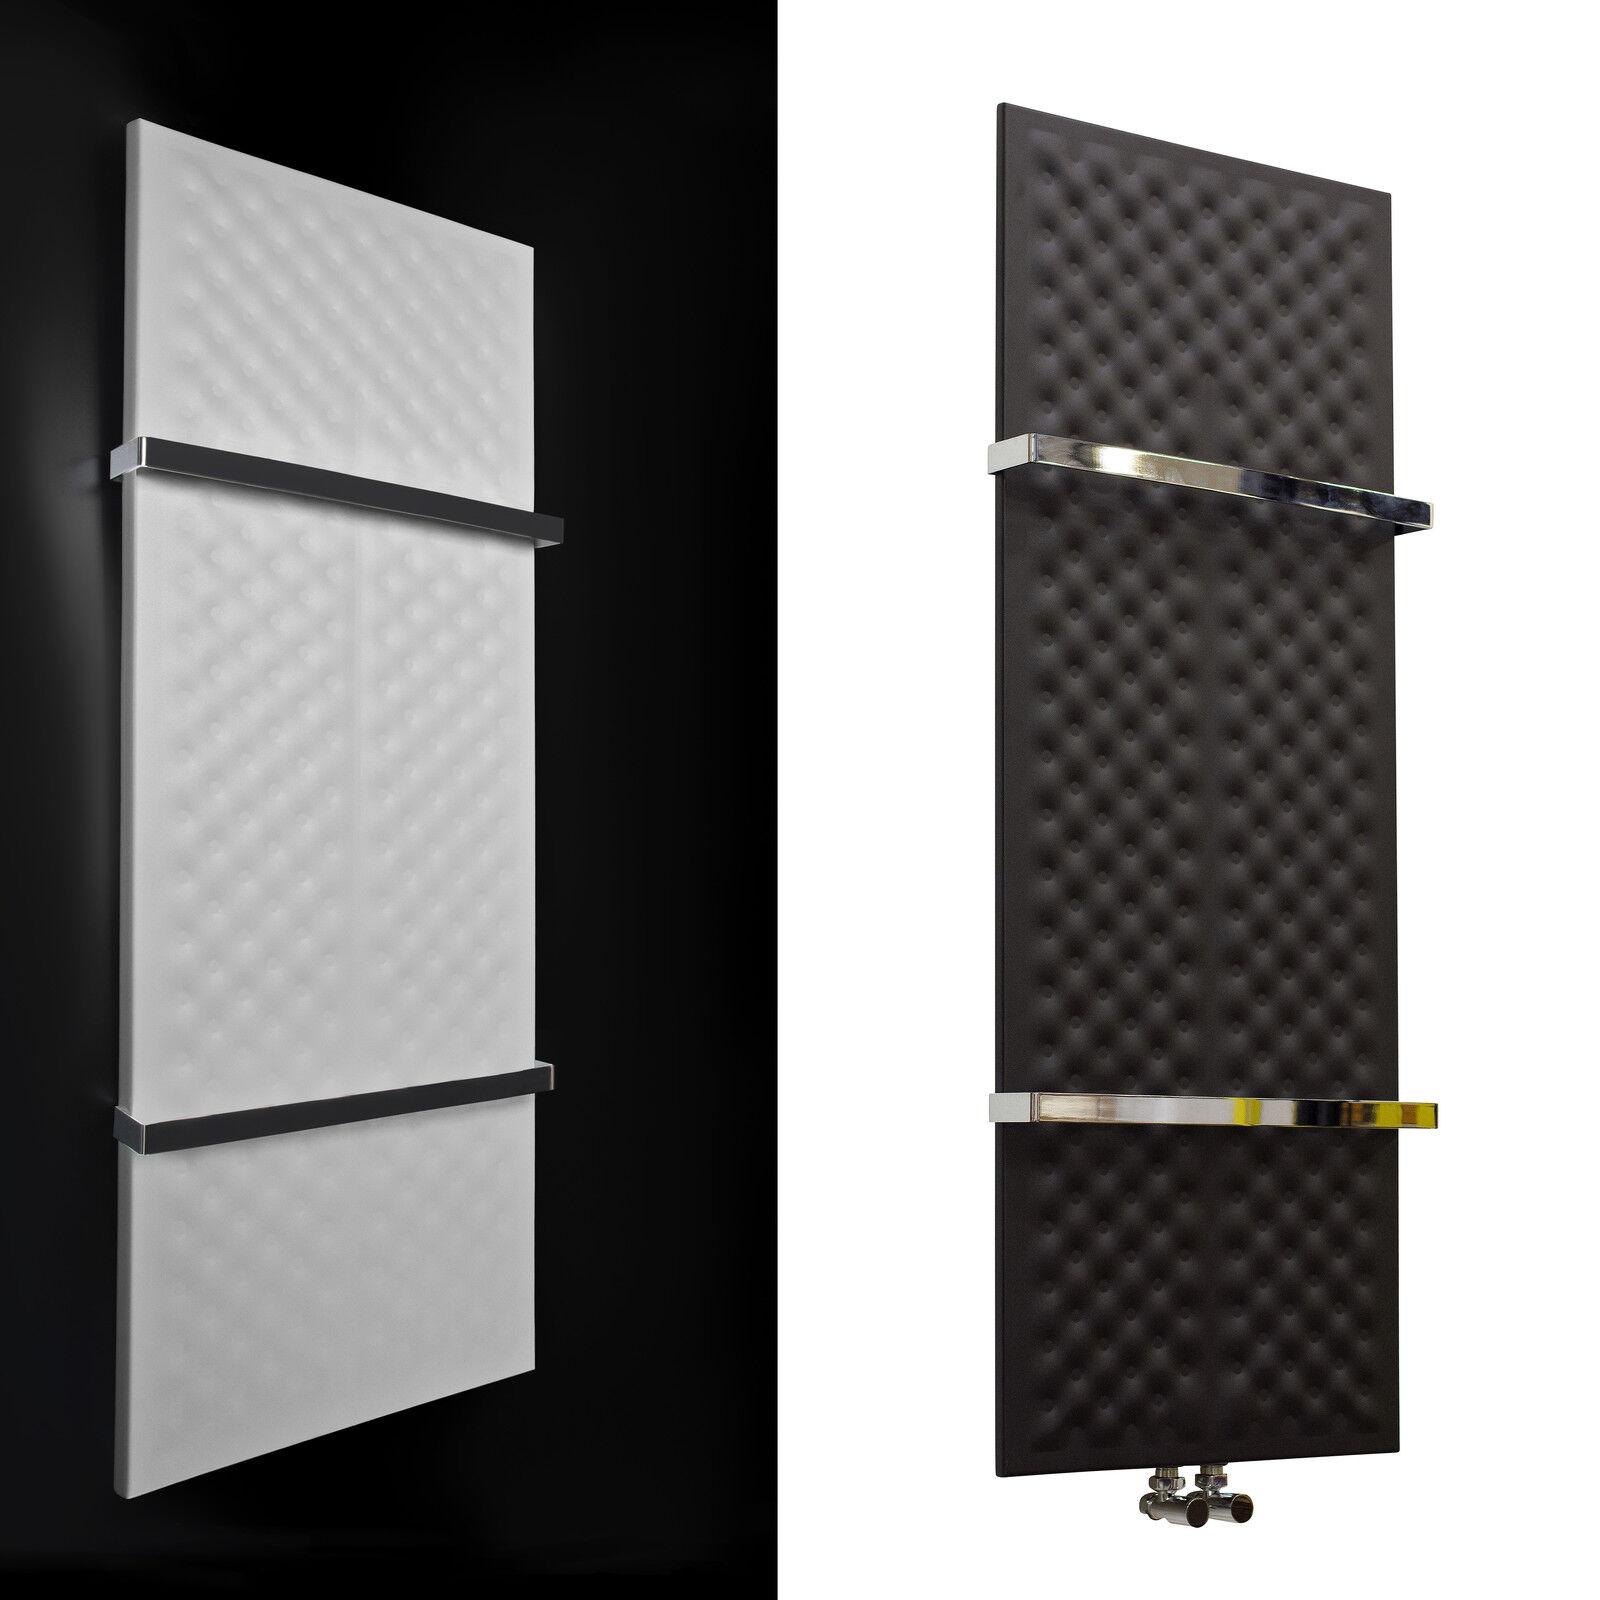 Designer Towel Rail Central Heating Bathroom Radiator Black Or White Chrome Bars Ebay